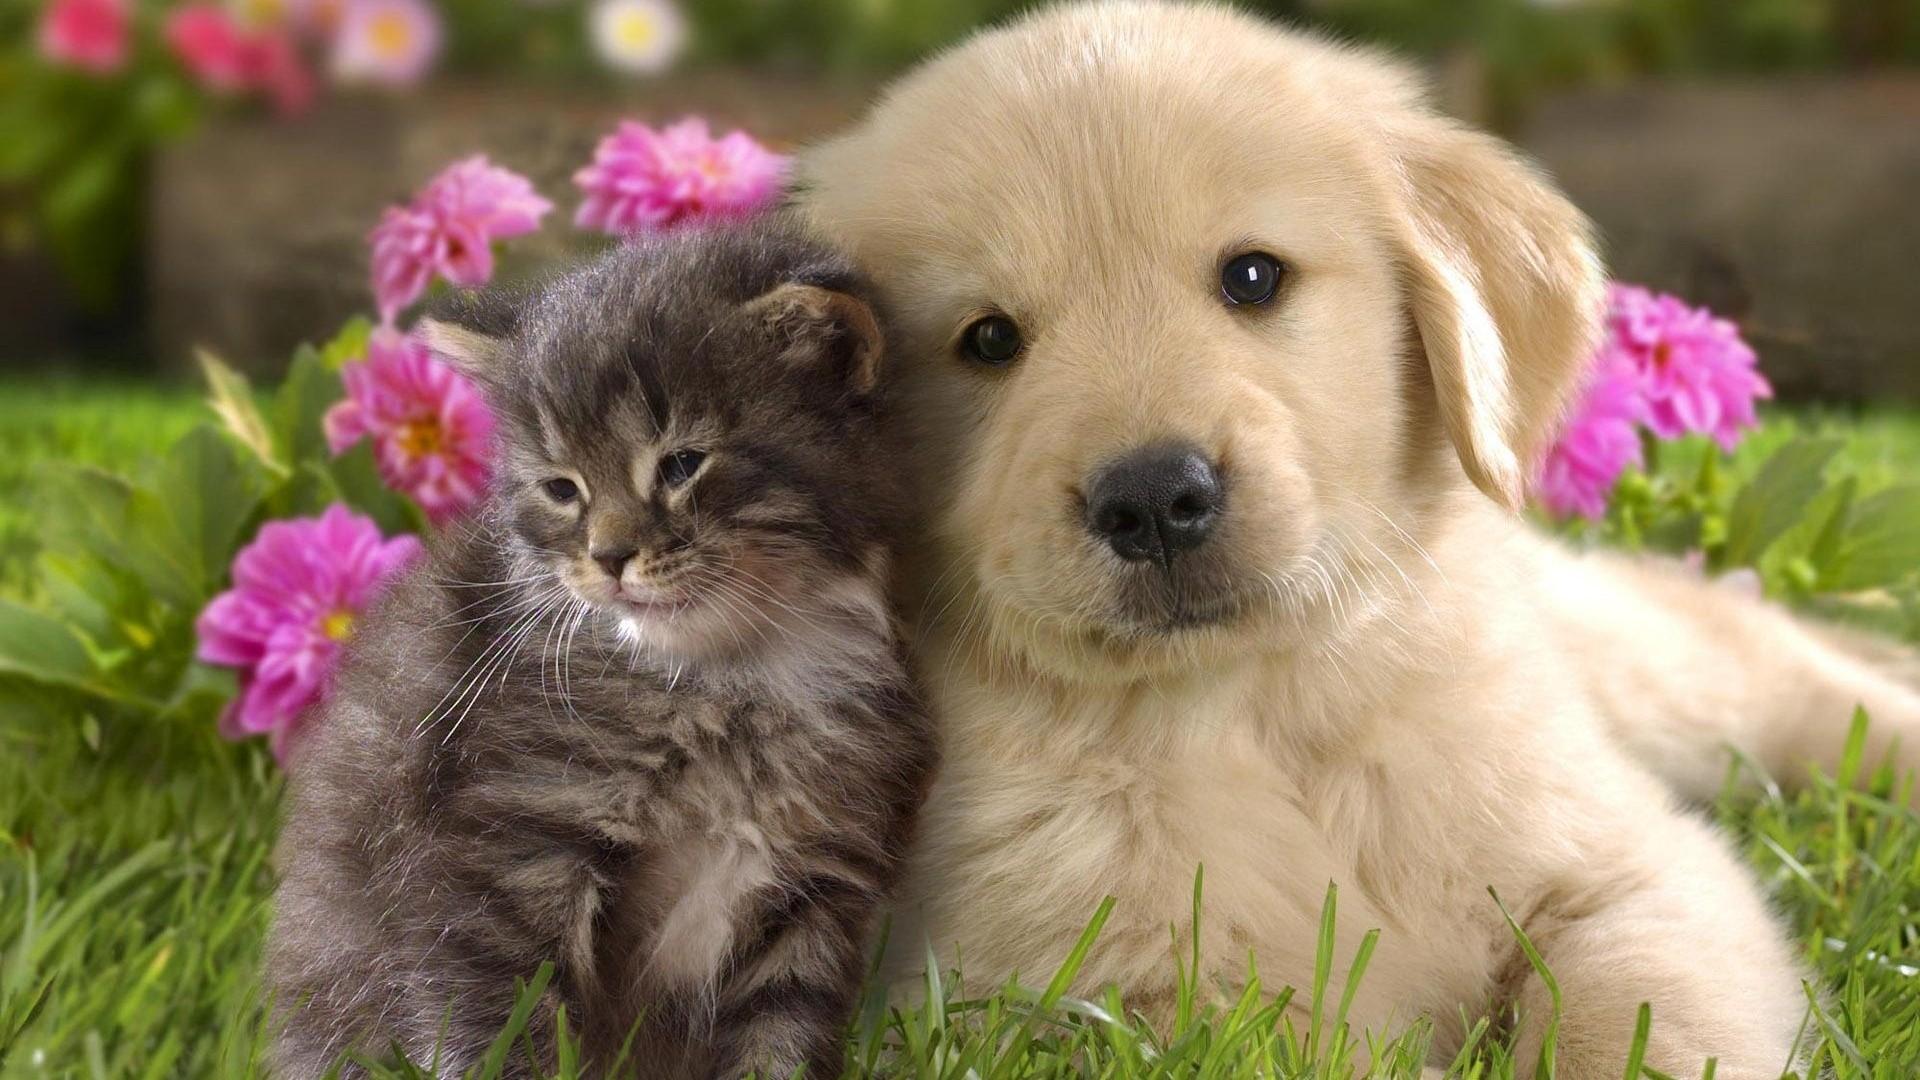 Cute Dogs #7